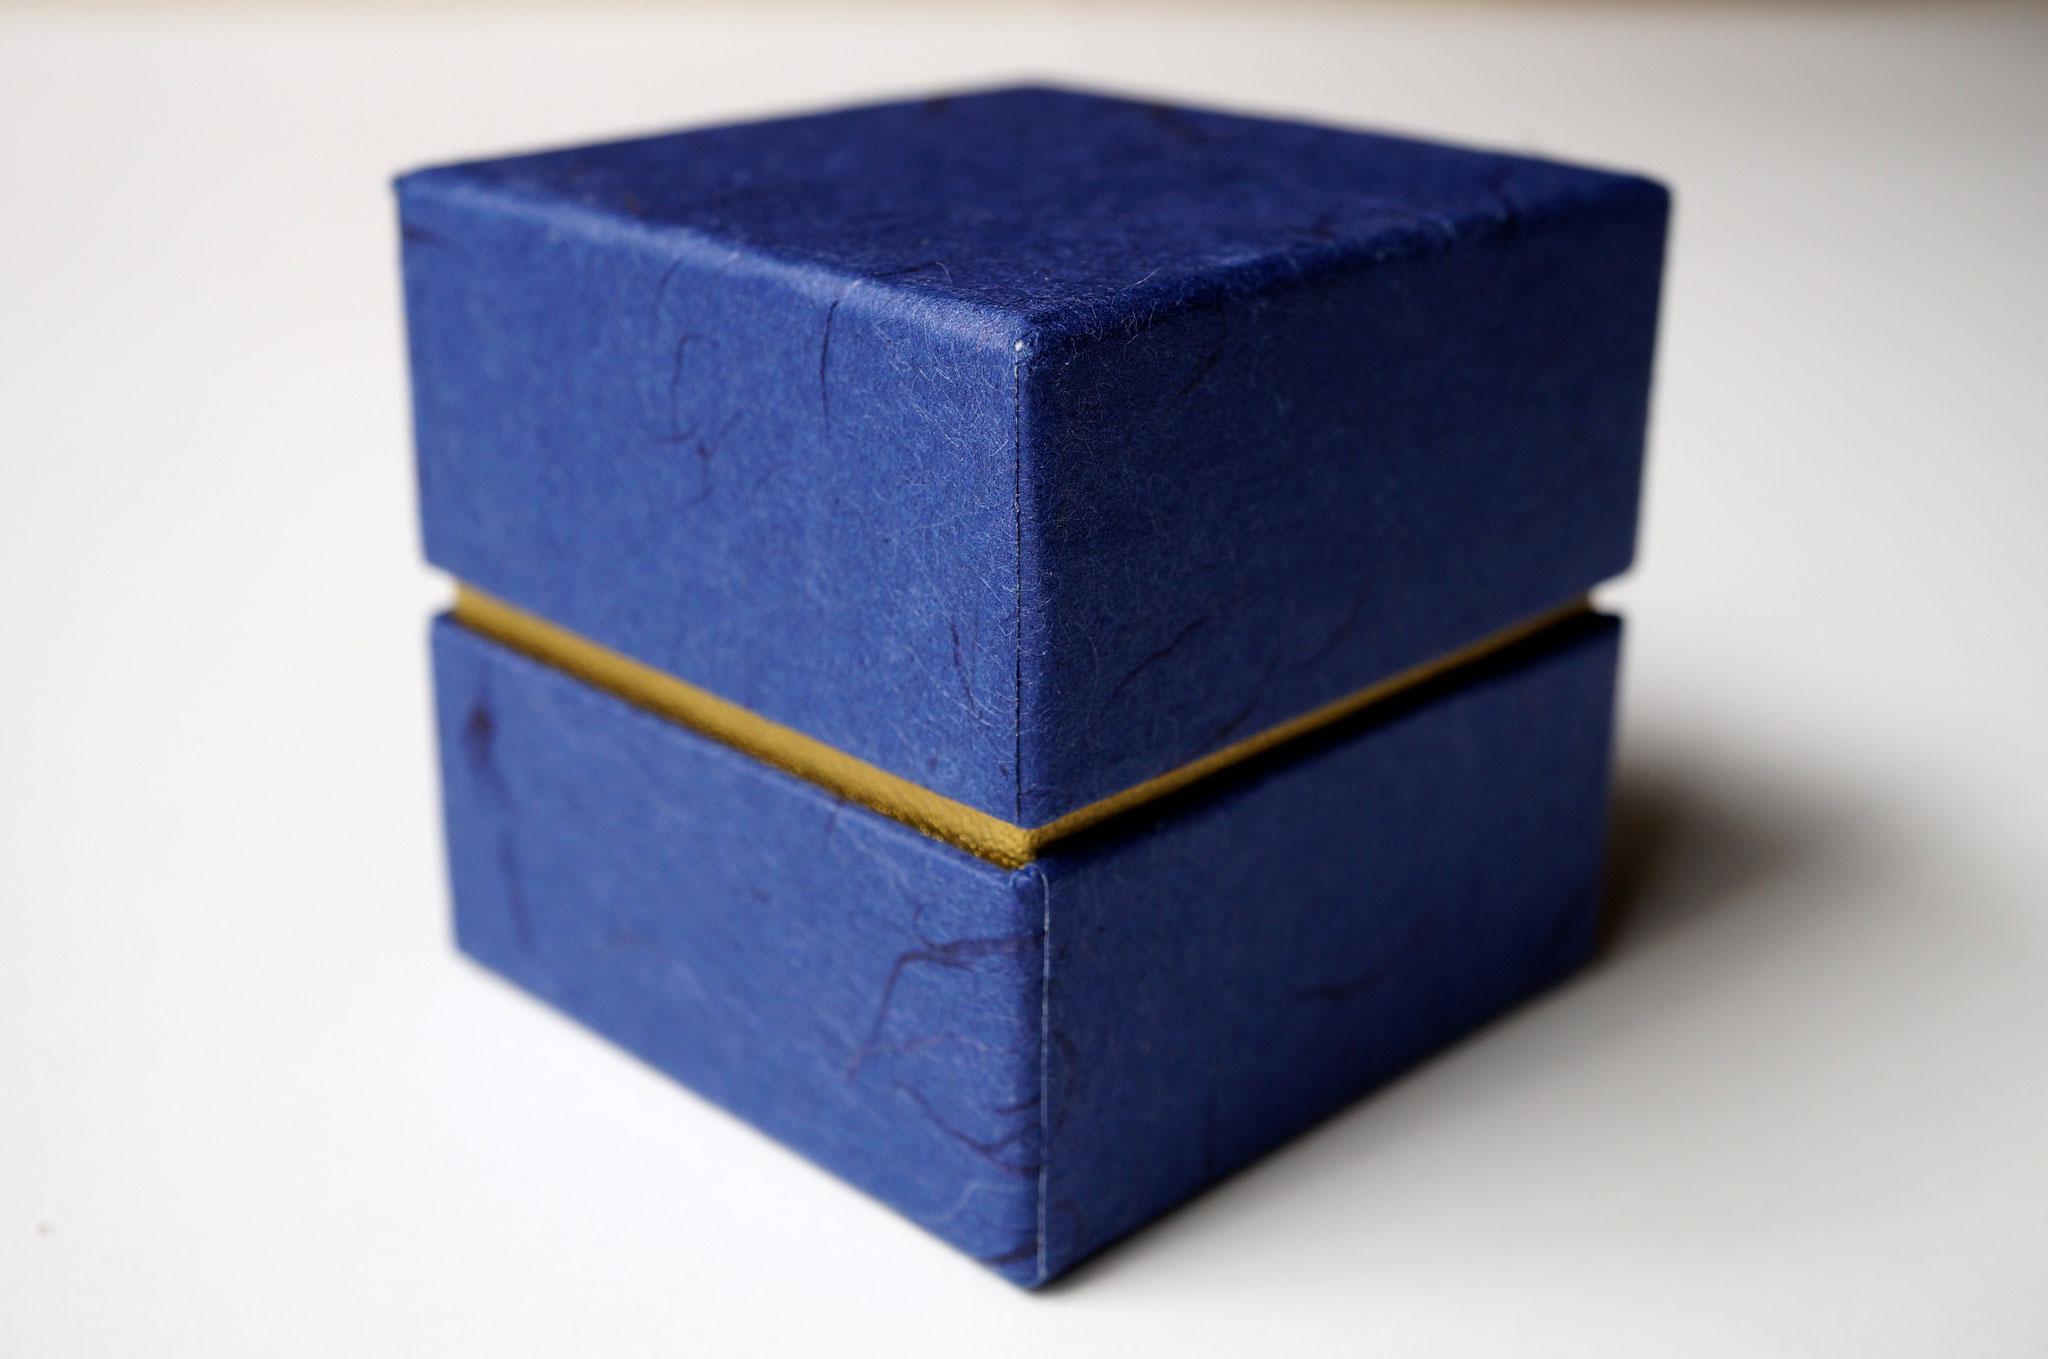 和紙を使って印籠型の形状で作製した小さな貼り箱